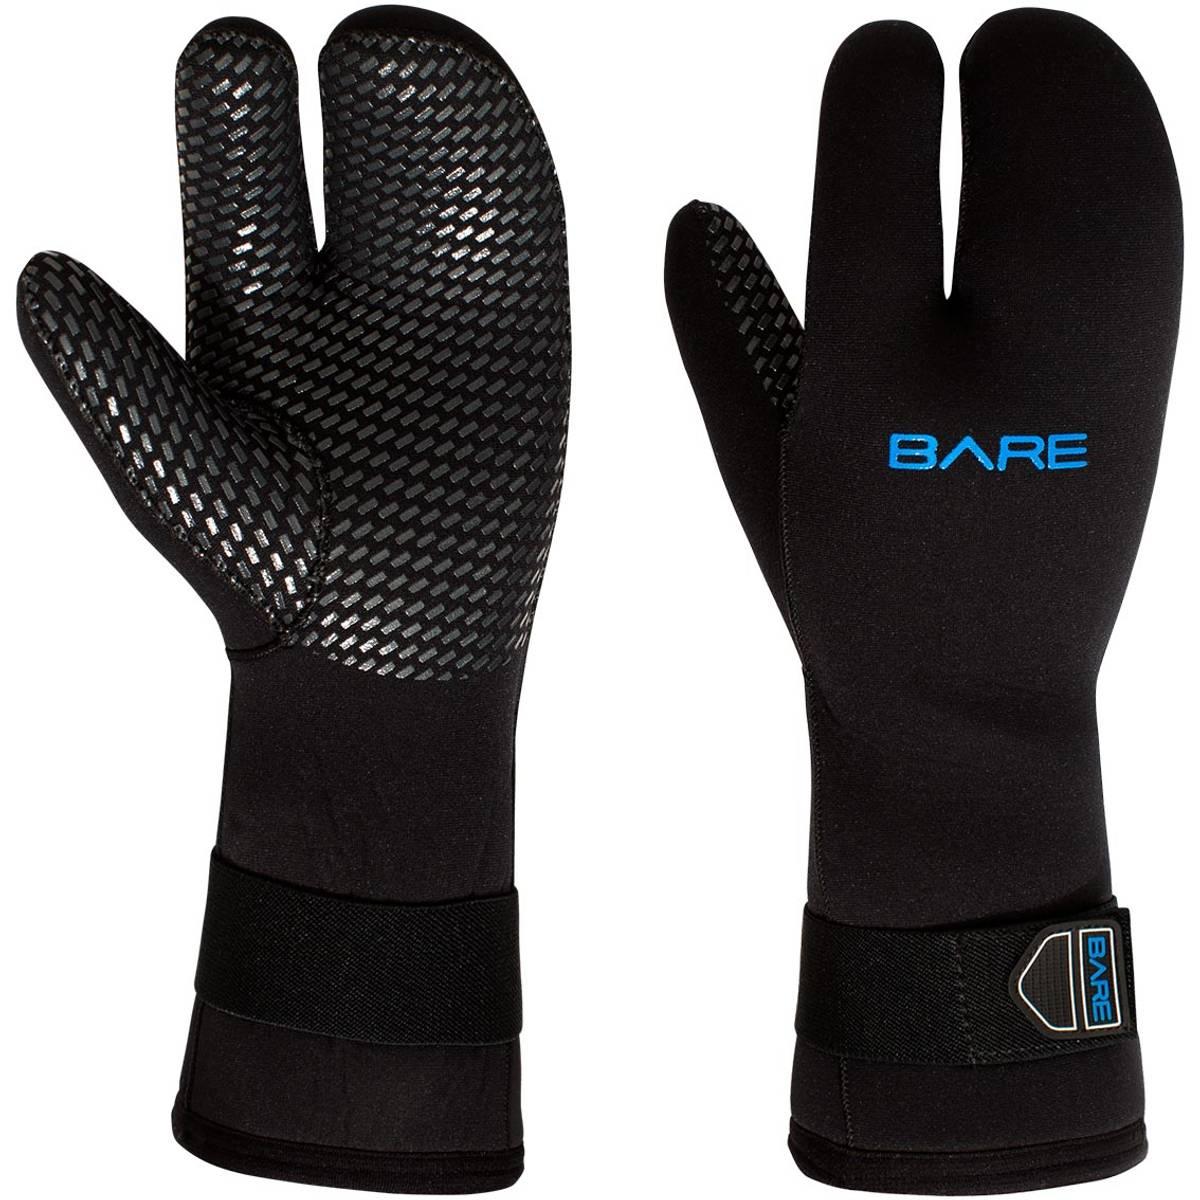 BARE 7mm 3-fingervott